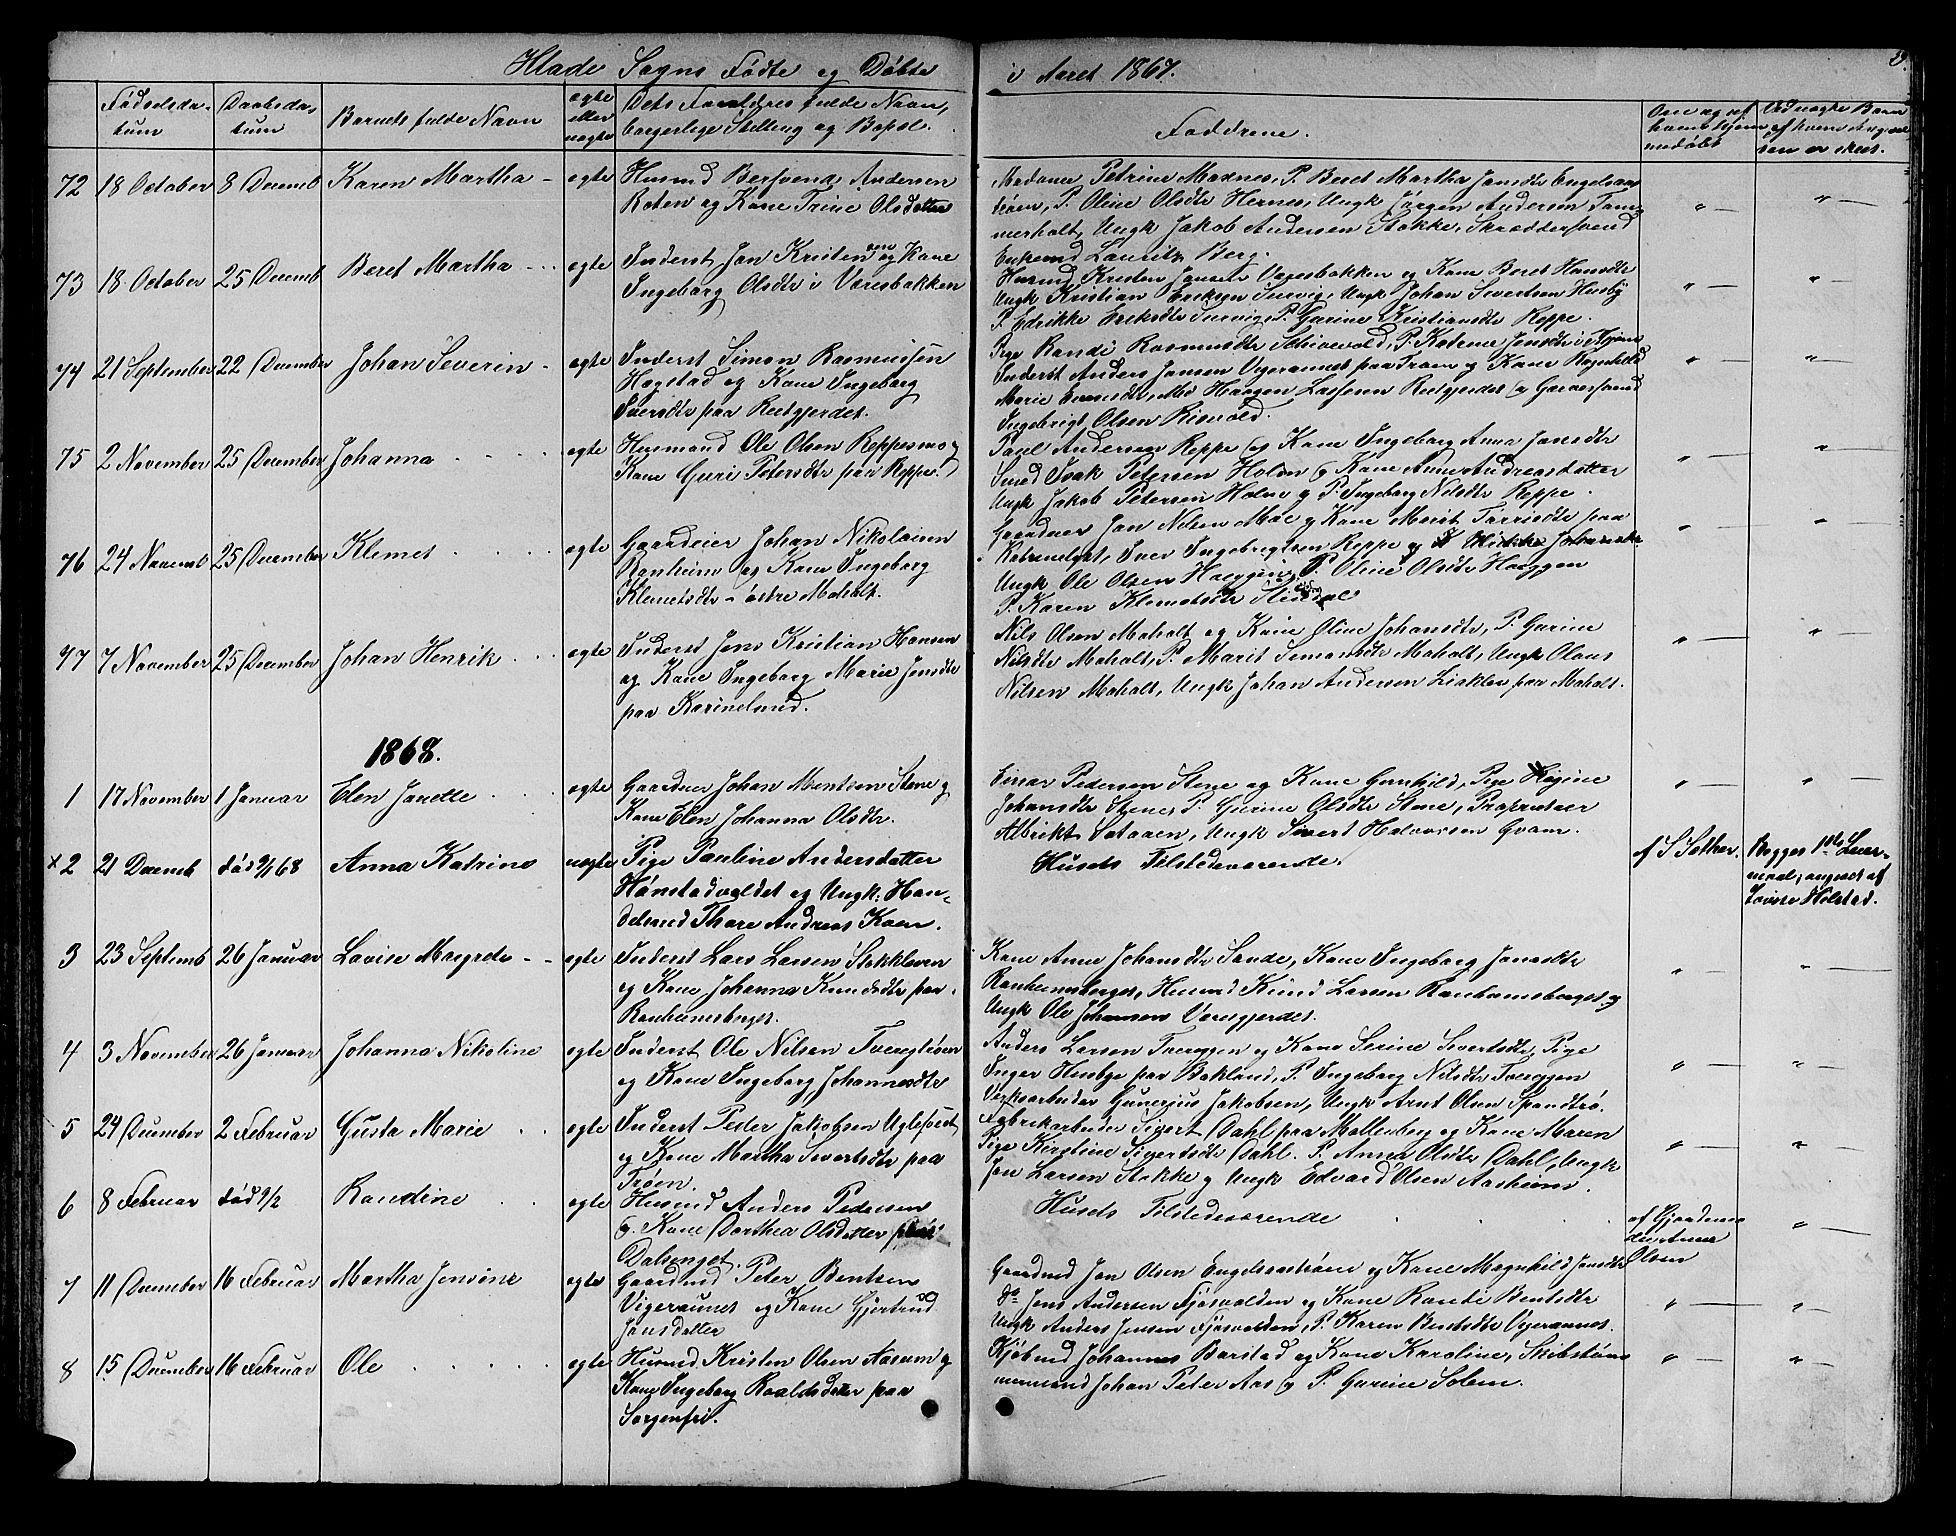 SAT, Ministerialprotokoller, klokkerbøker og fødselsregistre - Sør-Trøndelag, 606/L0311: Klokkerbok nr. 606C07, 1860-1877, s. 59